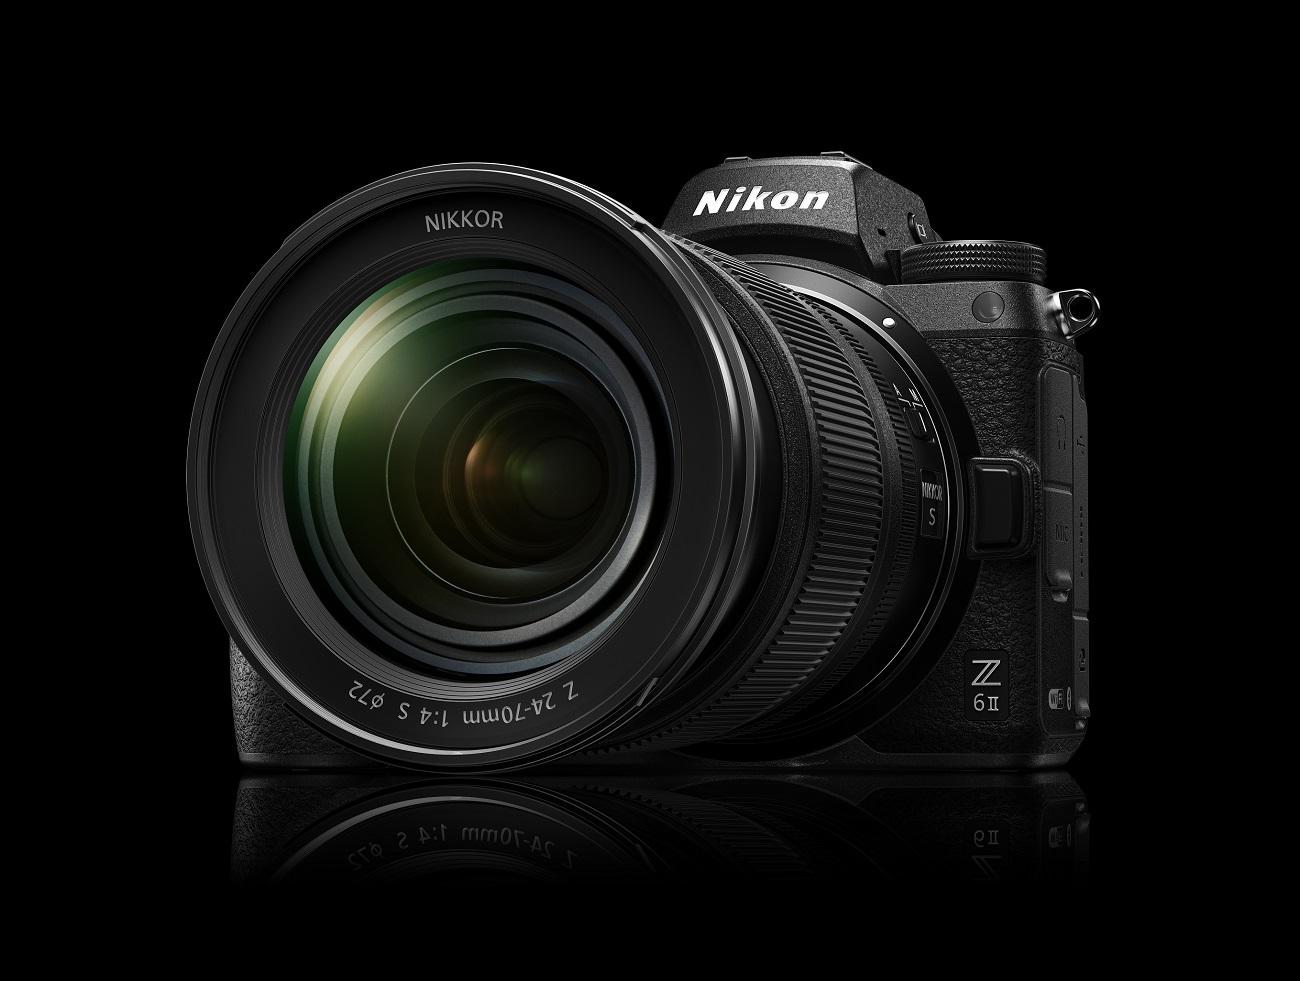 Nikon Z6 II et Z7 II : le constructeur renouvelle ses appareils hybrides full frame